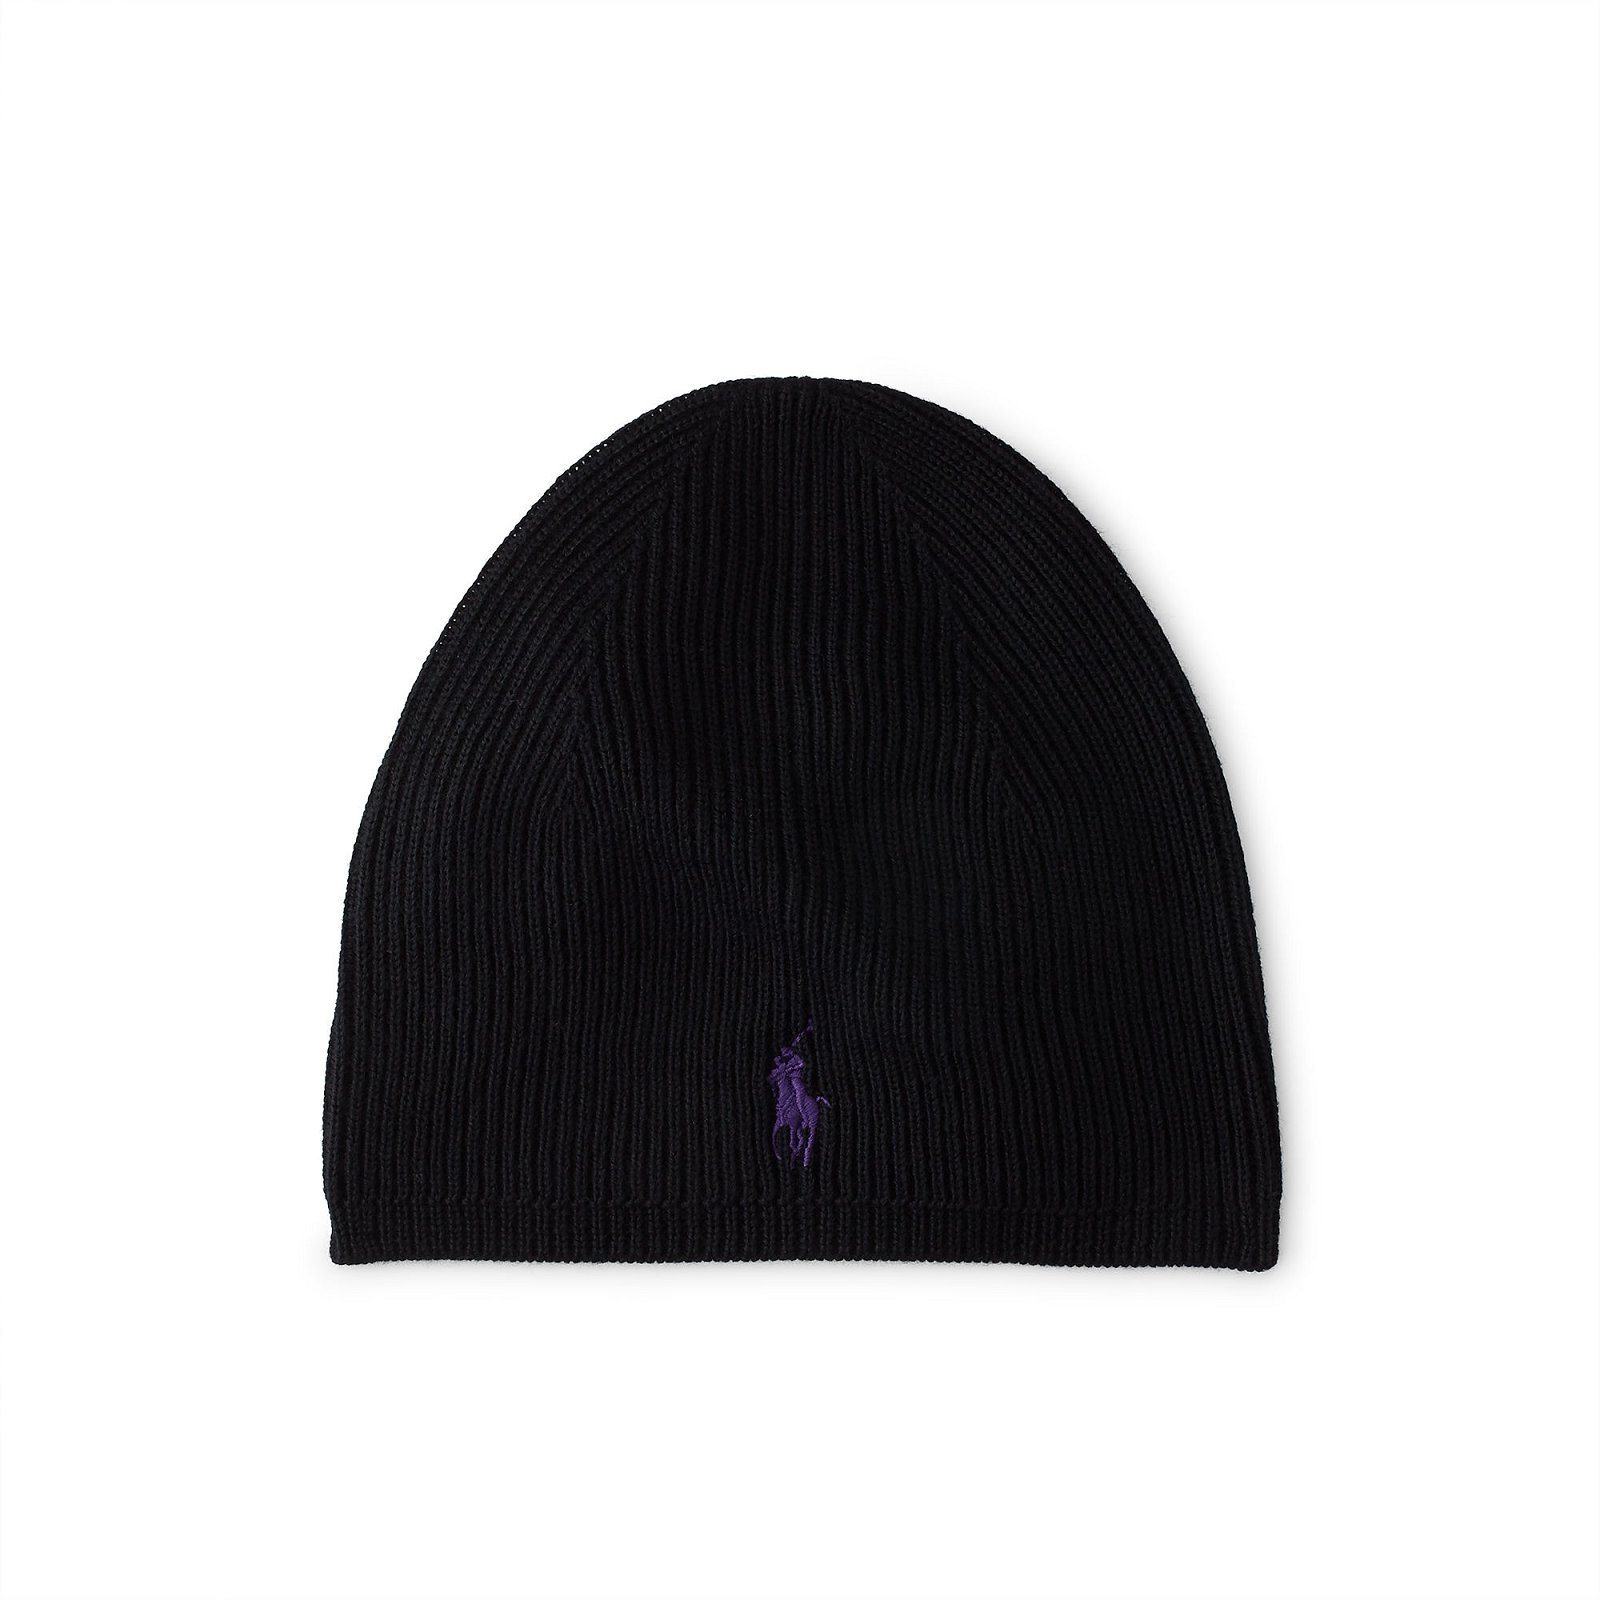 ralph lauren bonnet noir logo mauve a81aha0zw0040a00pb casquette bonnet pour homme. Black Bedroom Furniture Sets. Home Design Ideas